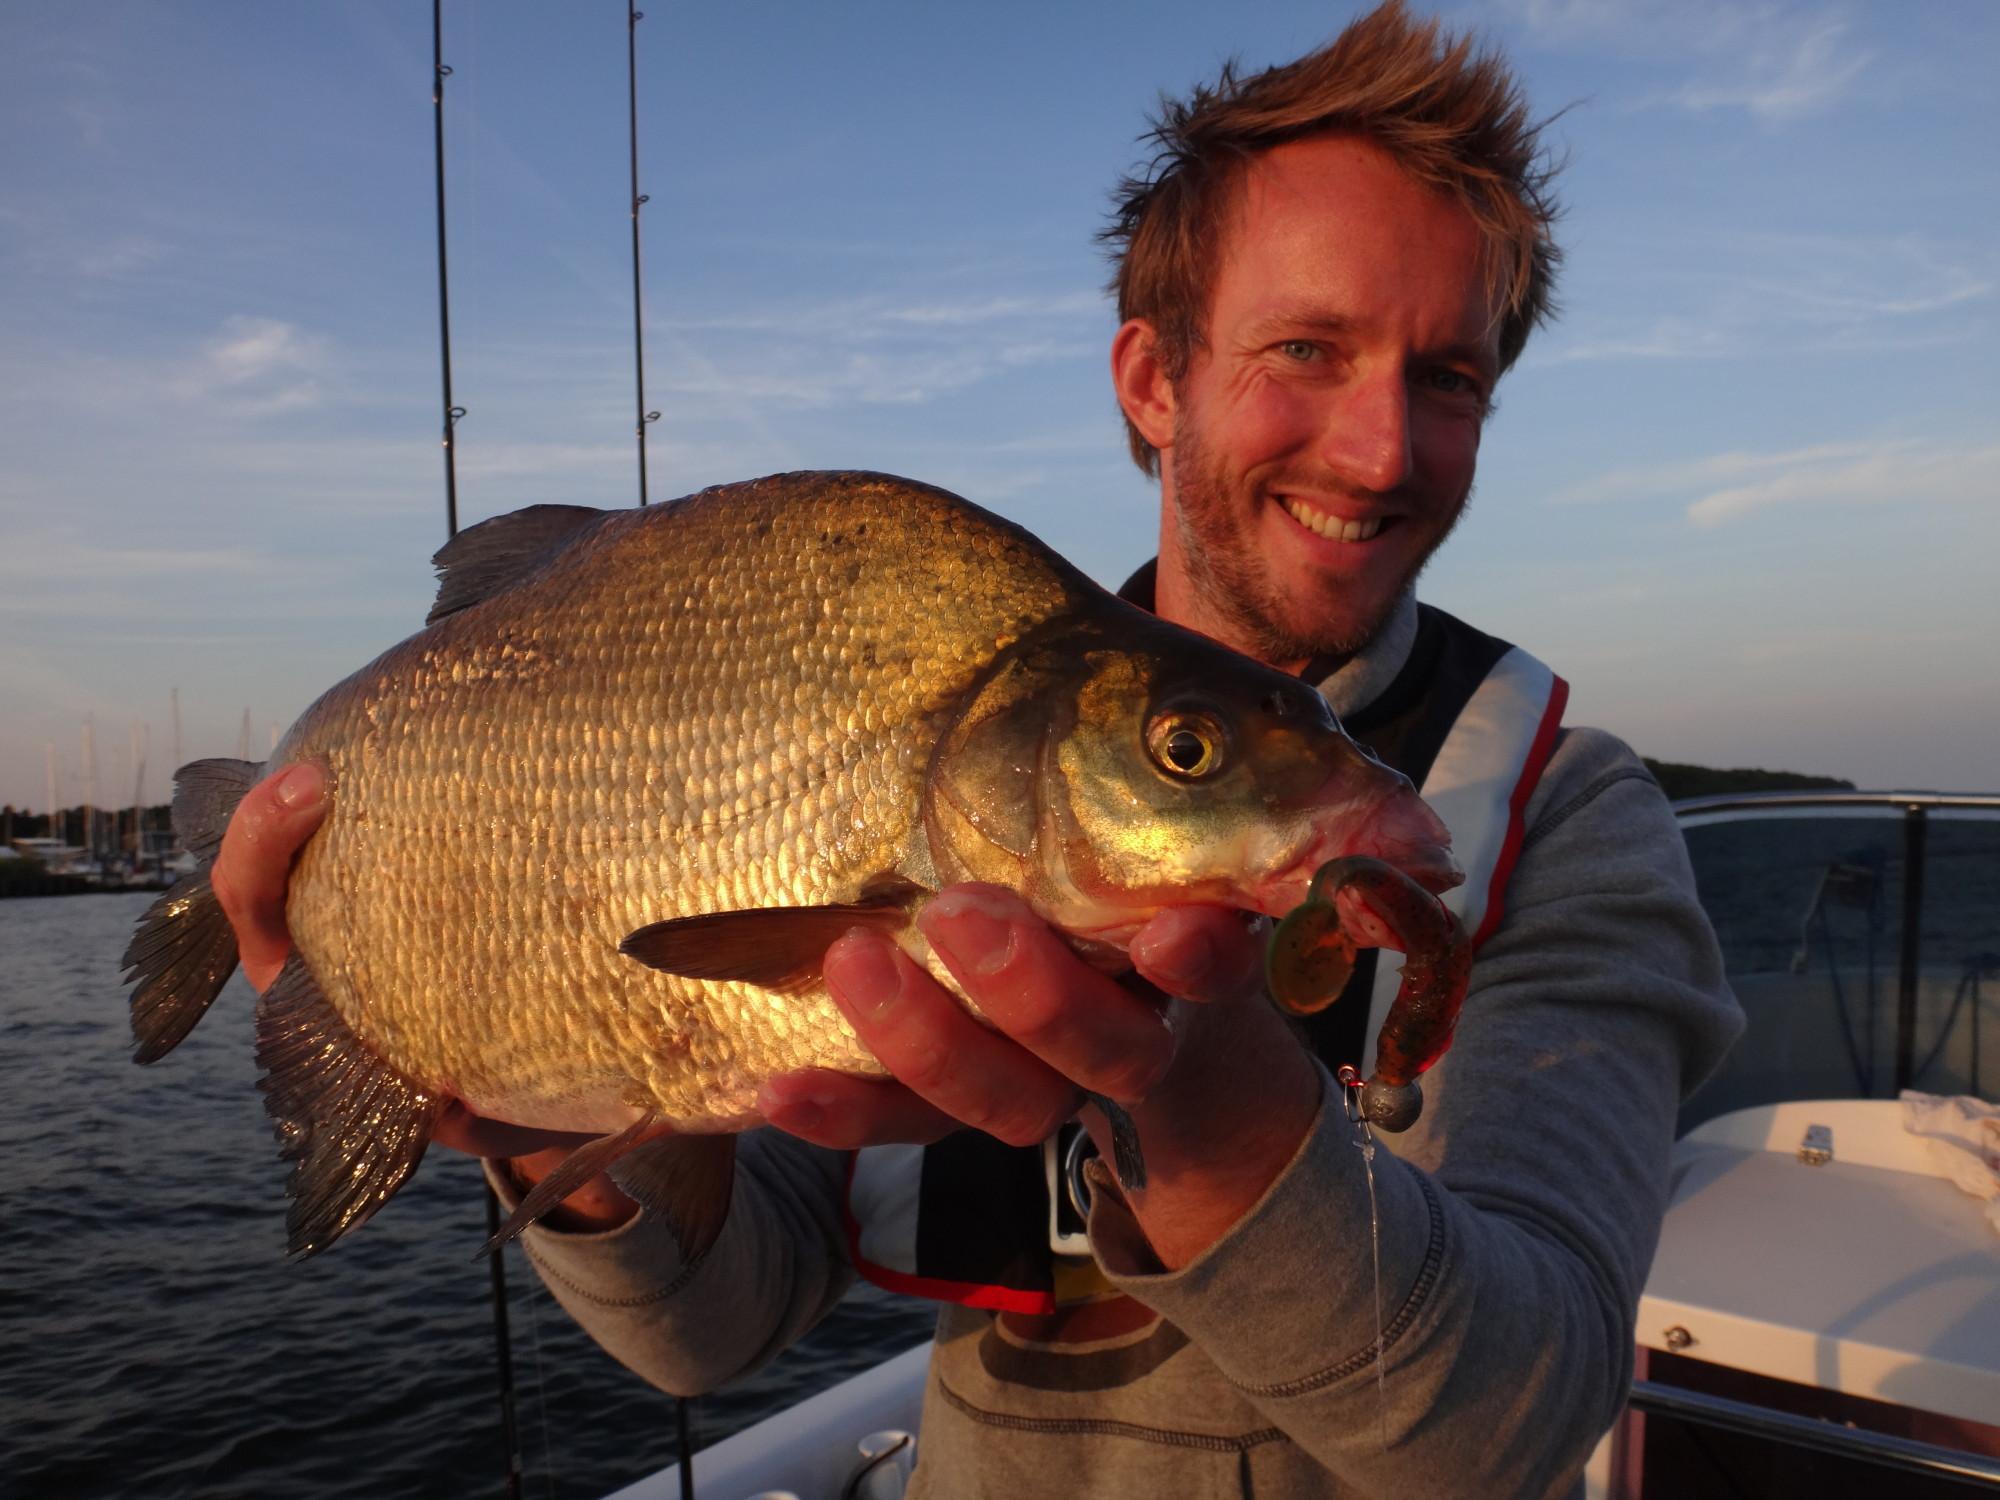 Das kommt vor allem während der Laichzeit vor: ein guter Fisch, der beim Brassen angeln auf Gummifisch biss.